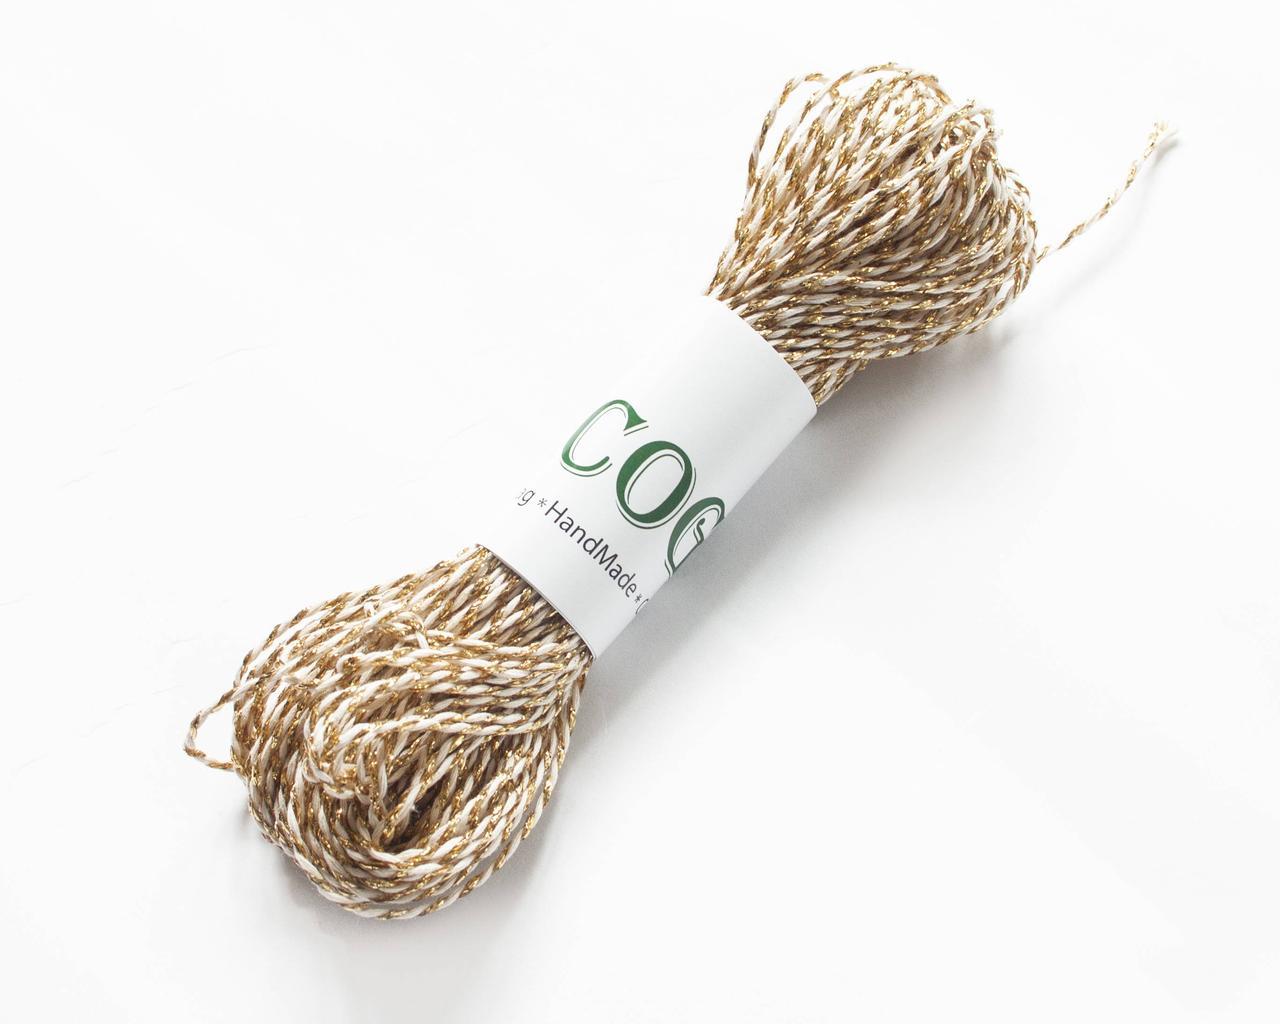 Декоративный шнурок, цветная нитка, верёвка для упаковки, хлопковый шпагат - белое золото